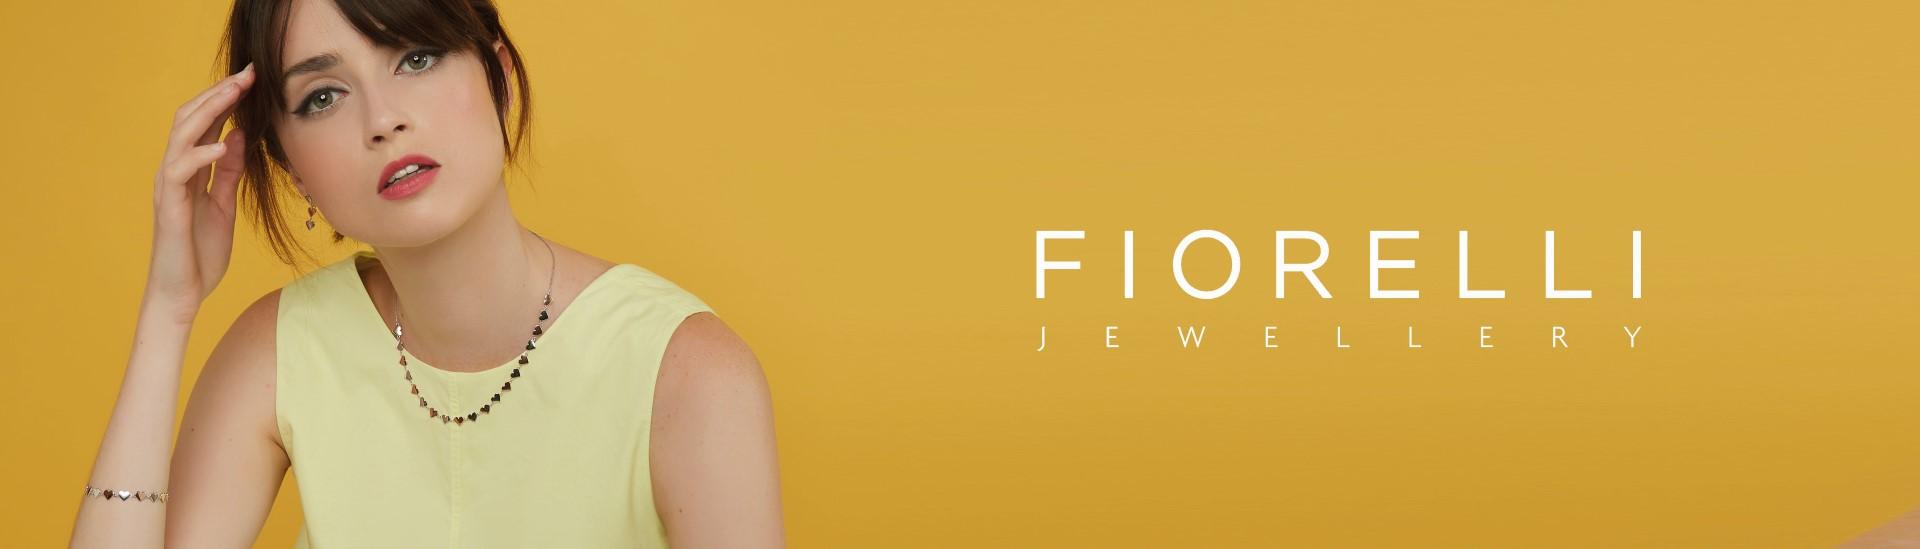 fiorelli-banner.jpg